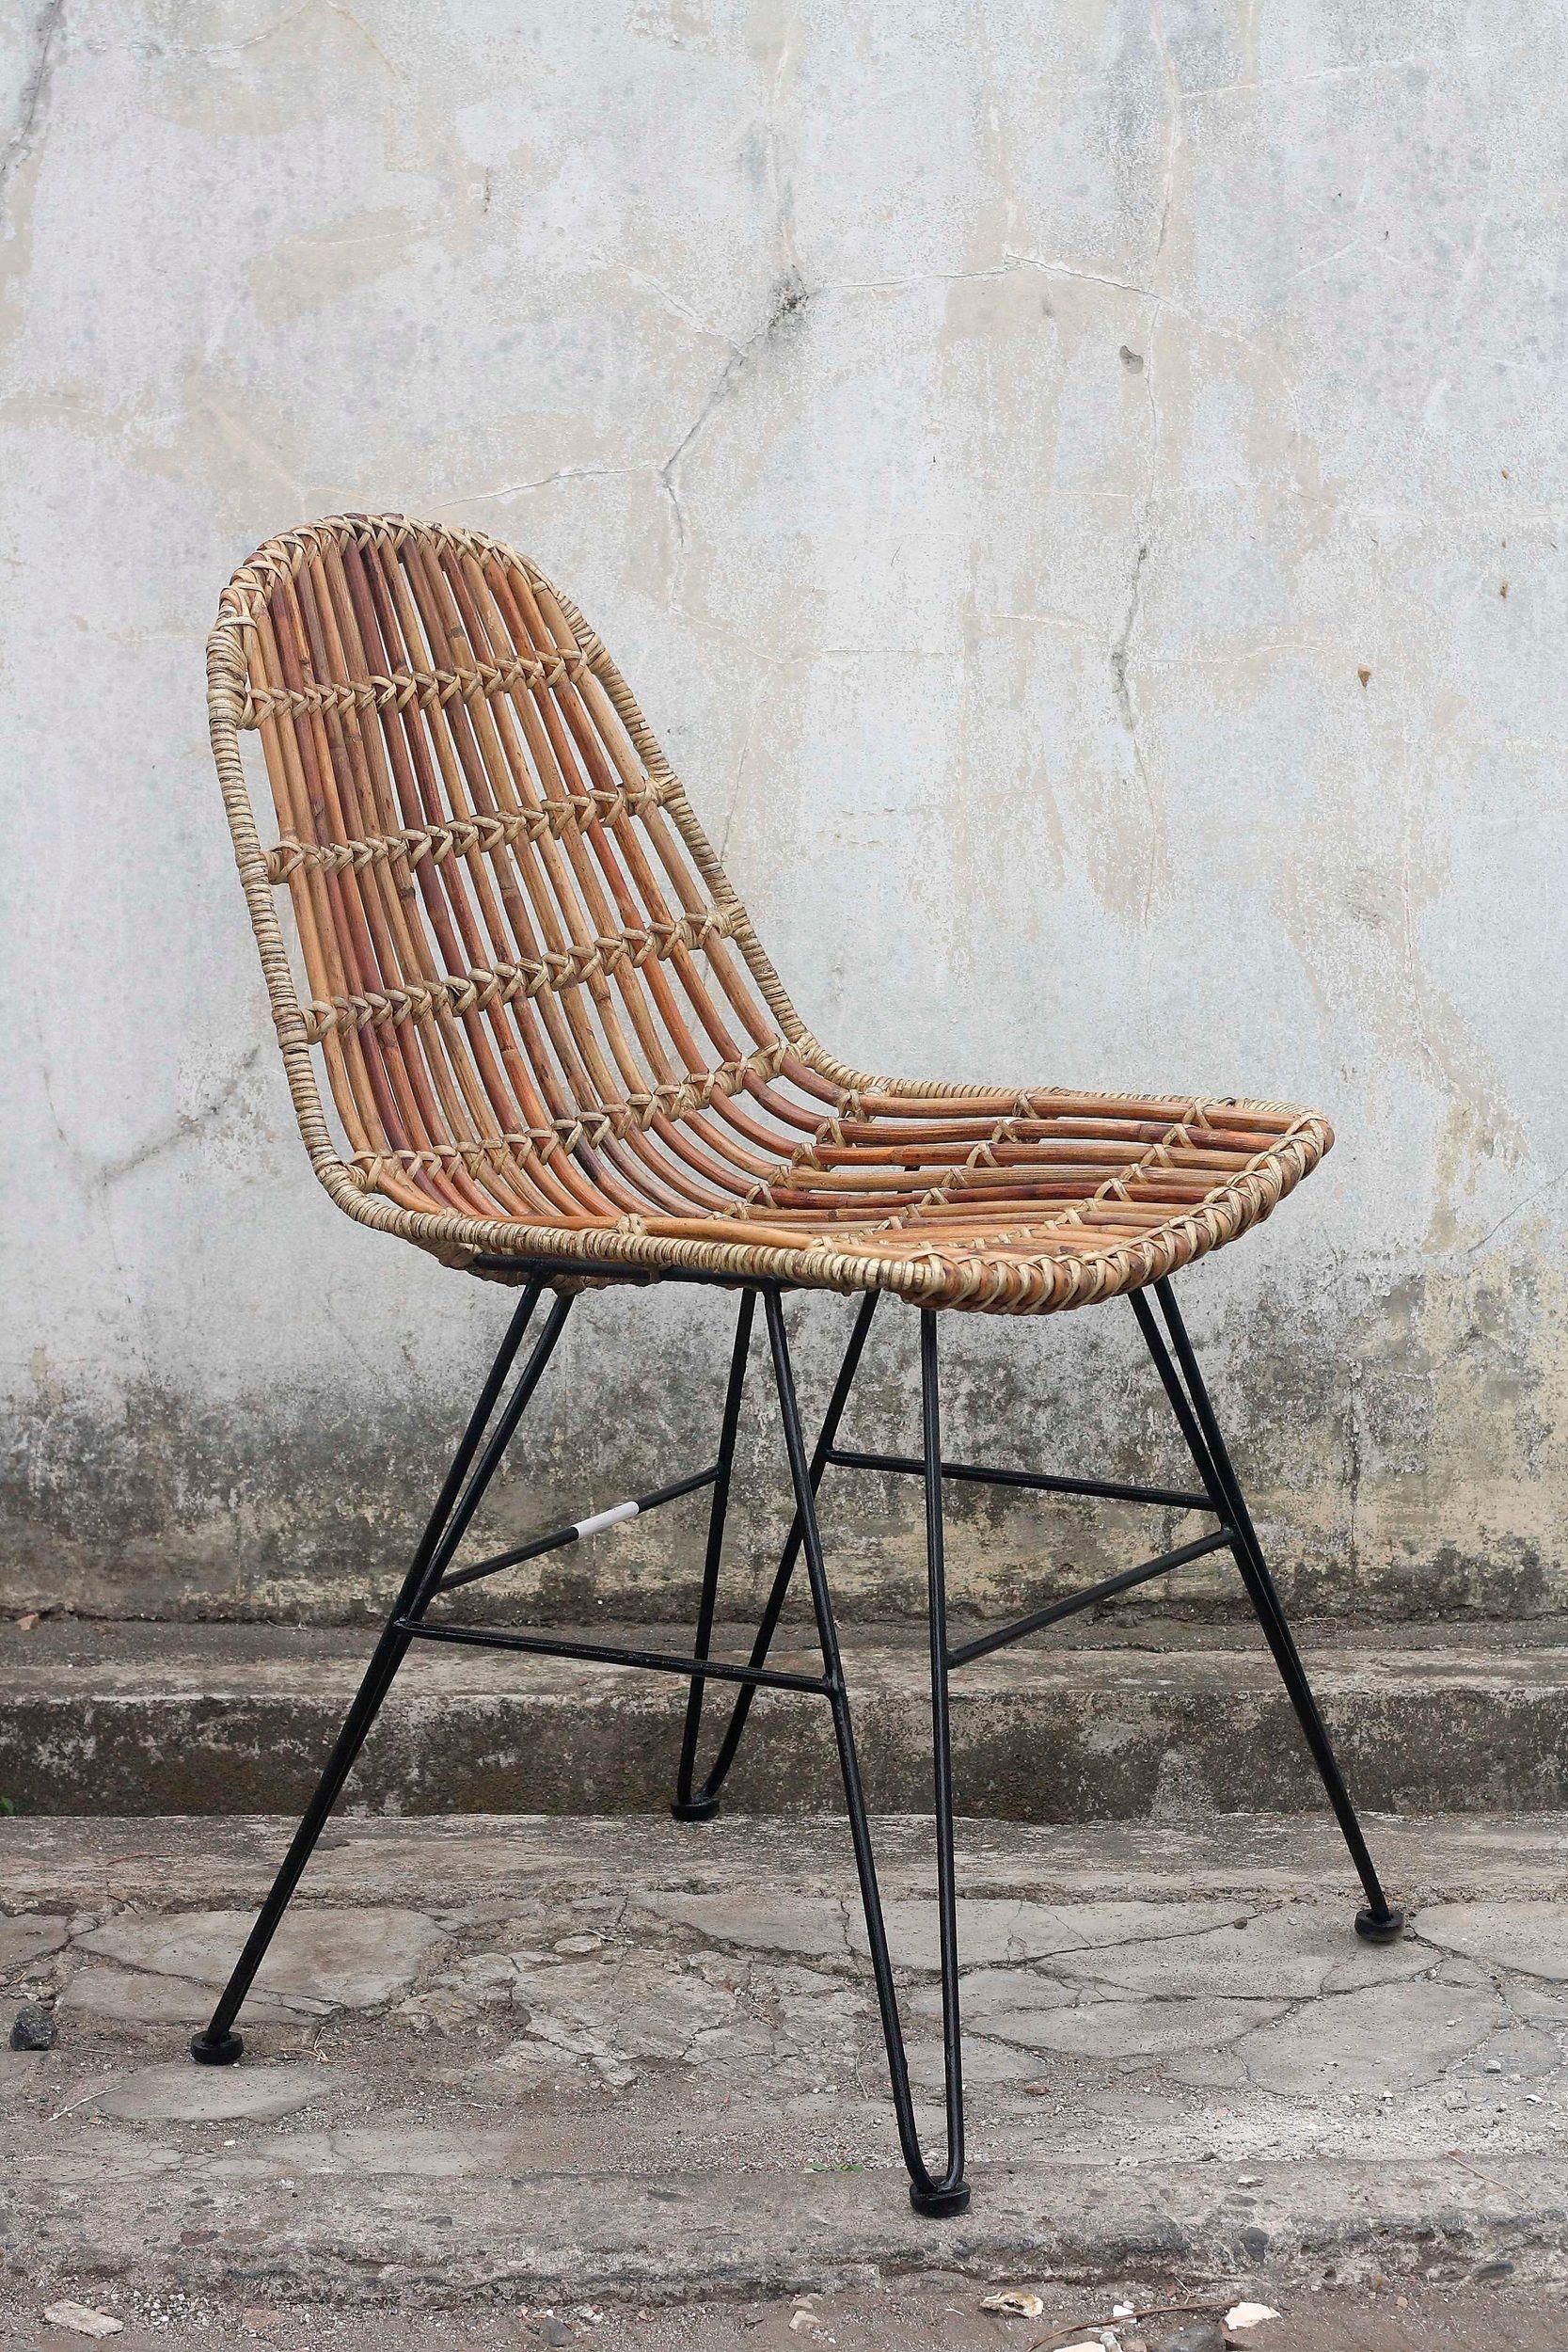 Sit Rattanstuhl Vintage Im 2er Set Gestell Aus Metall Online Kaufen Otto Vintage Stuhle Korbstuhle Esszimmerstuhl